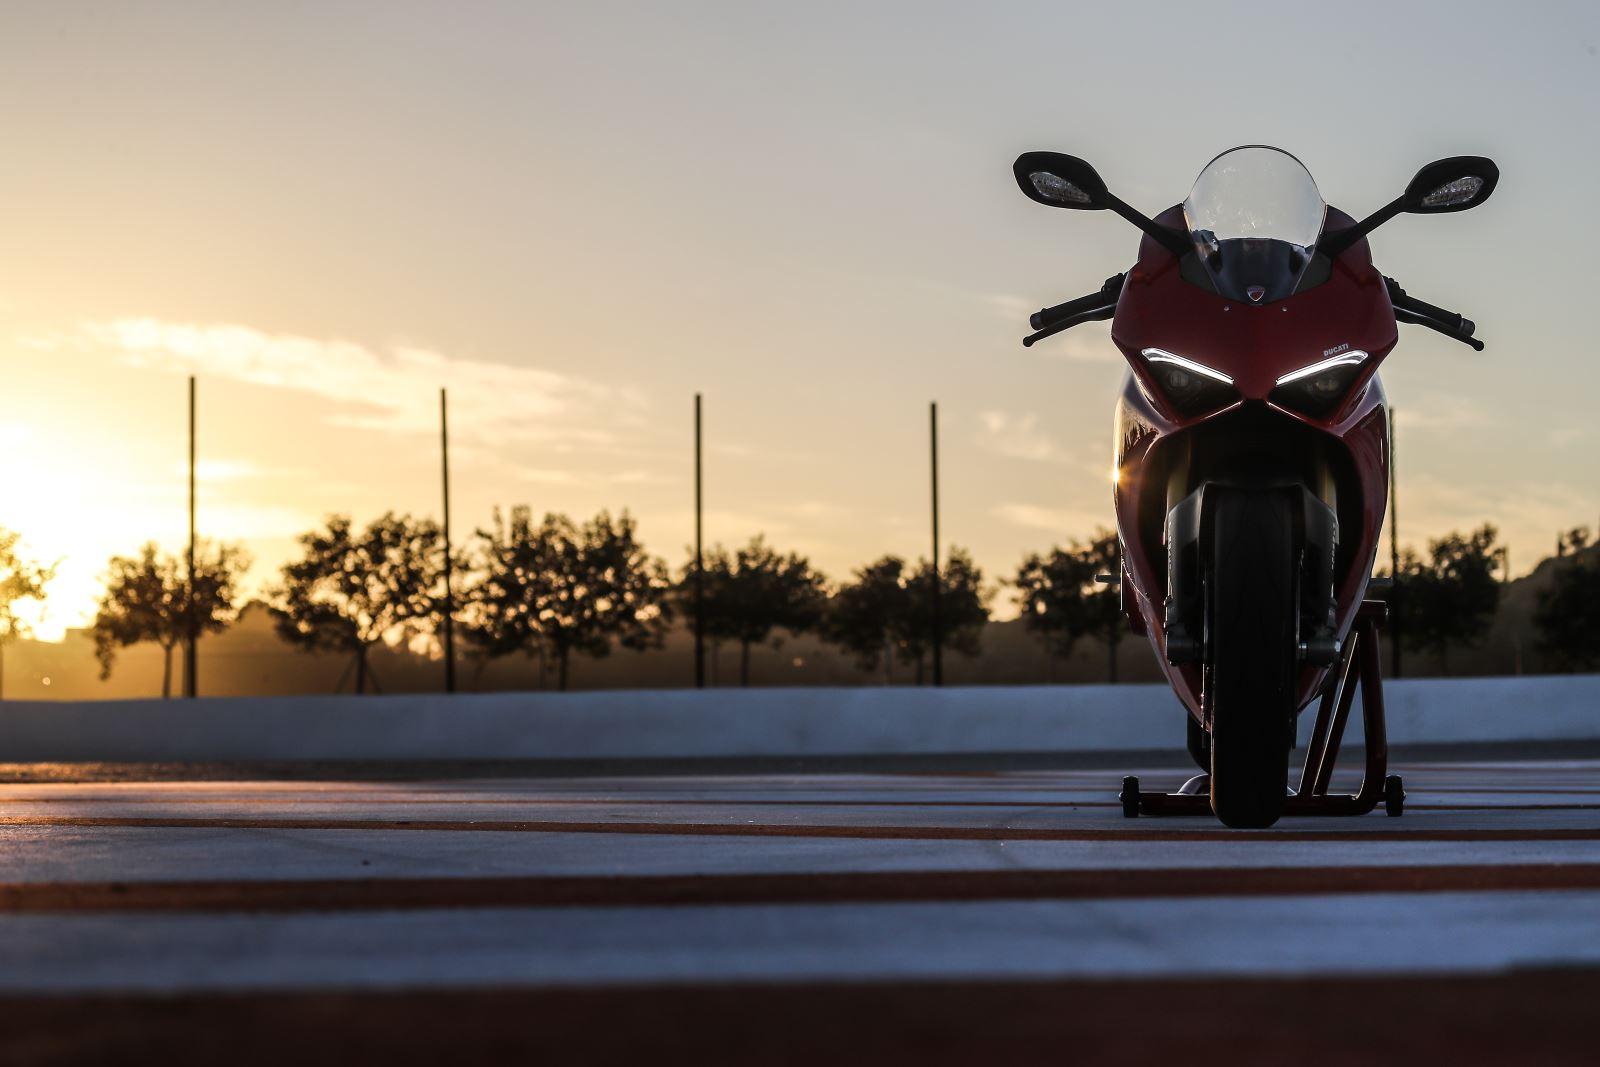 Ducati Panigale V4: Gerçekten Efsanesi Kadar İyi Mi? 13. İçerik Fotoğrafı